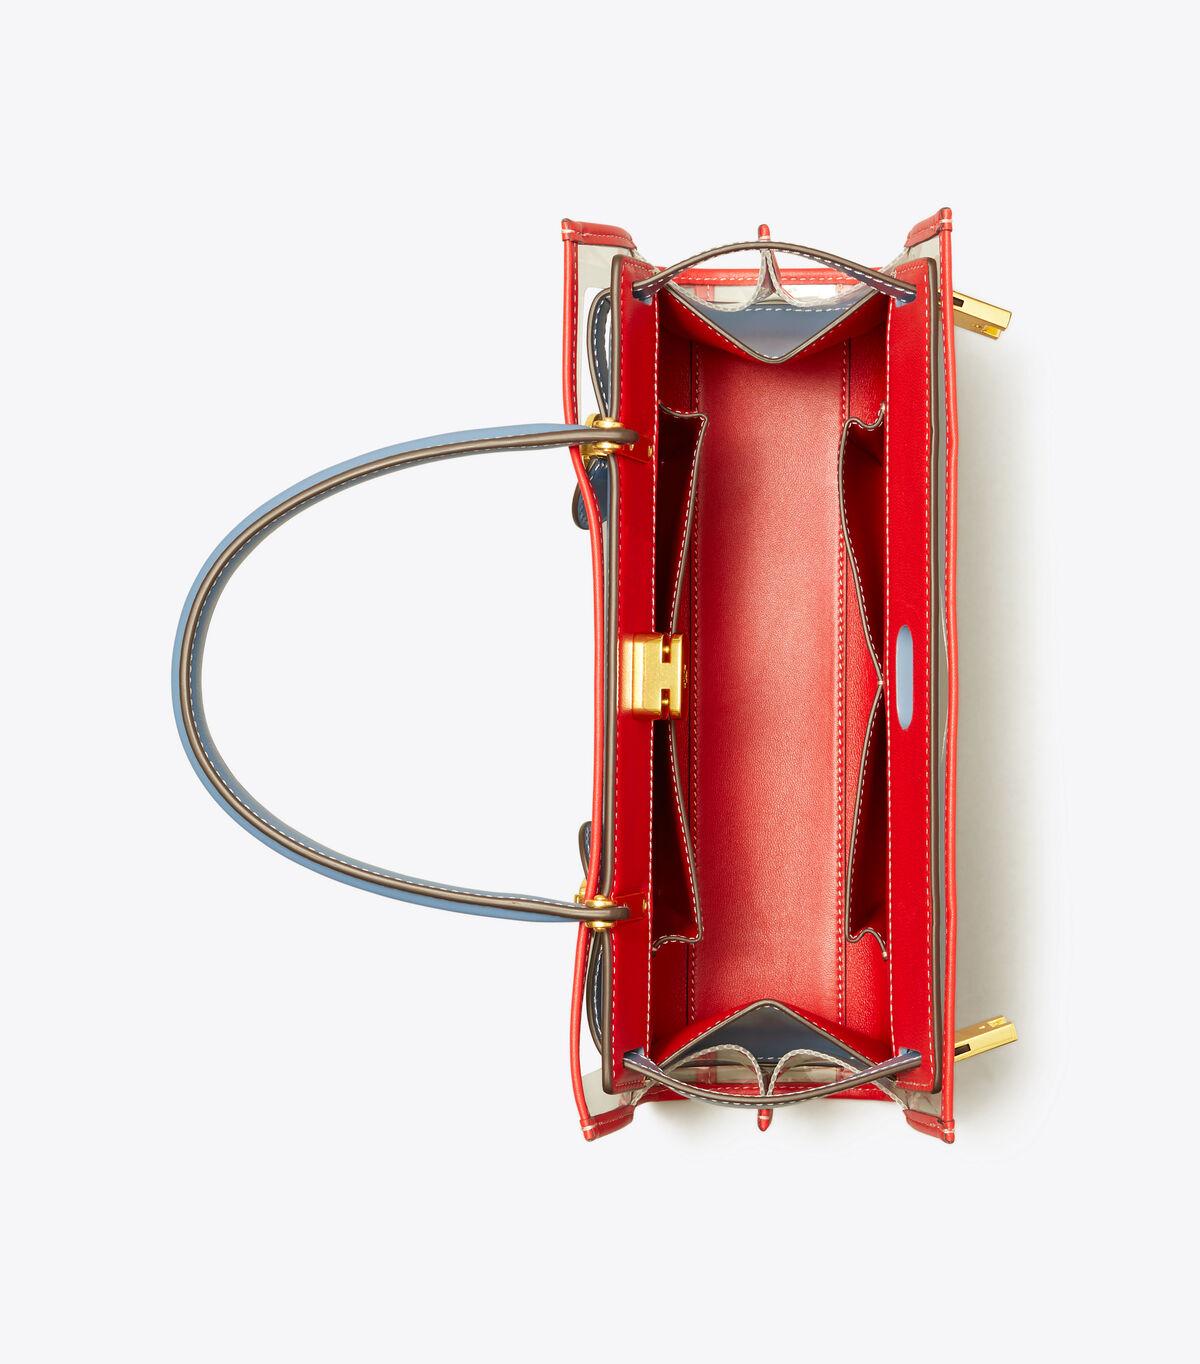 حقيبة مطر لي رادزويل كانفاس / 457 / ساتشيل